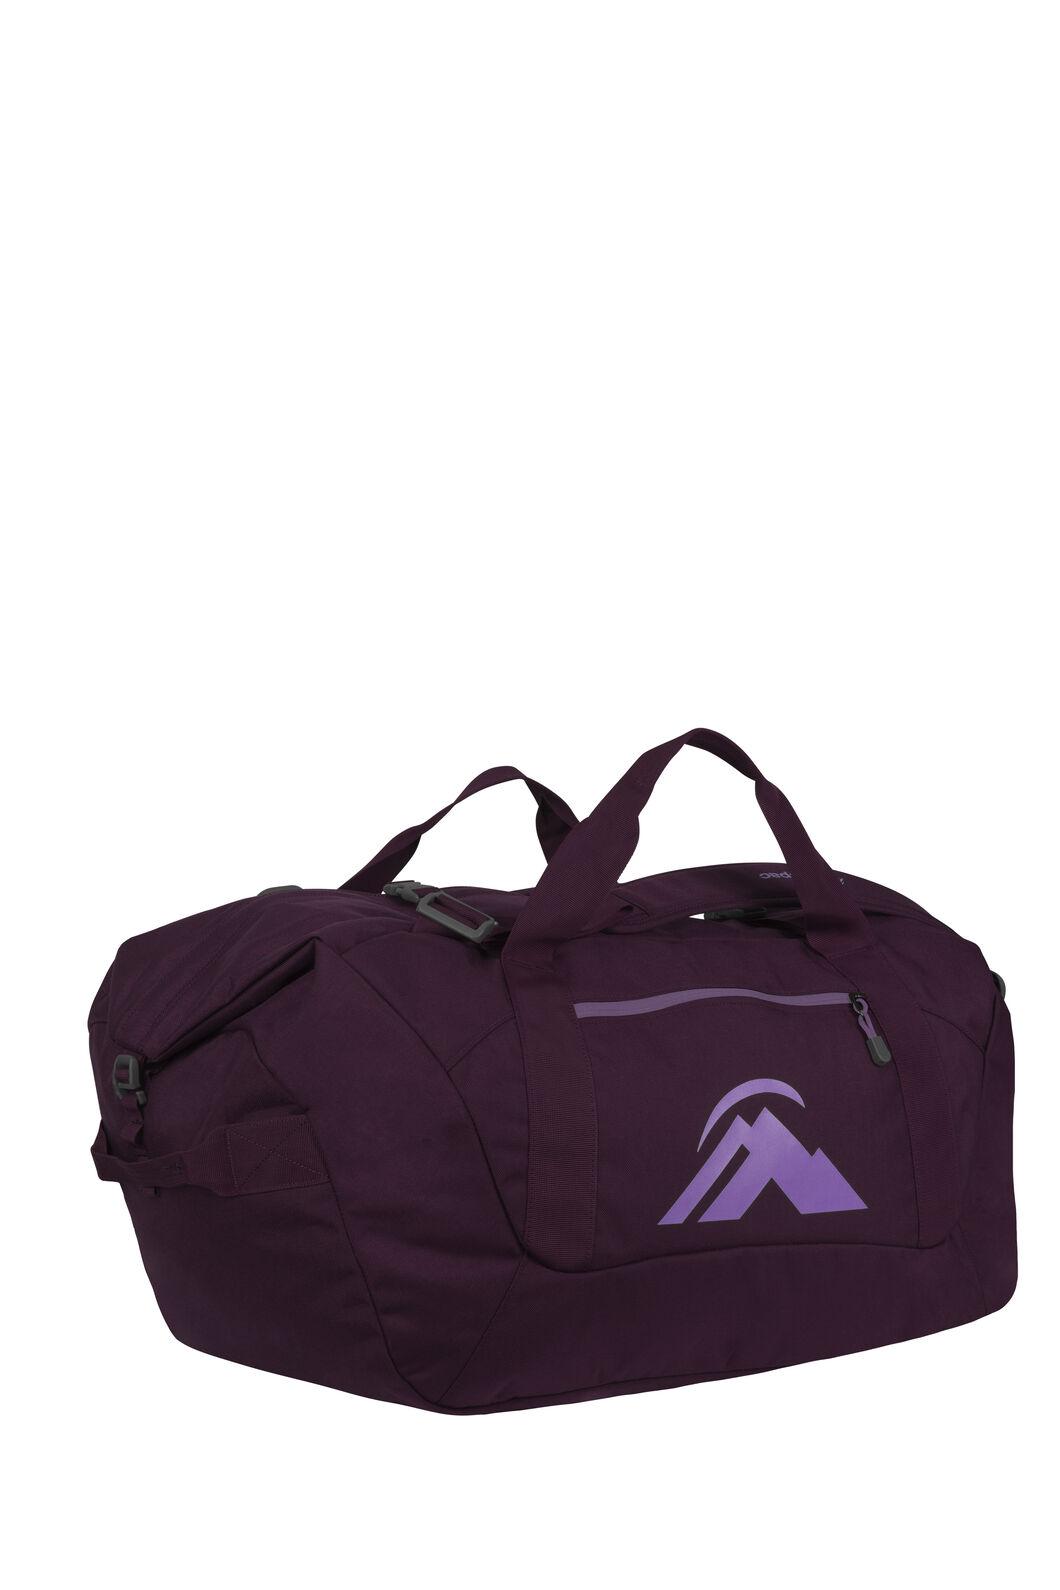 Macpac Duffel 80L, Potent Purple, hi-res